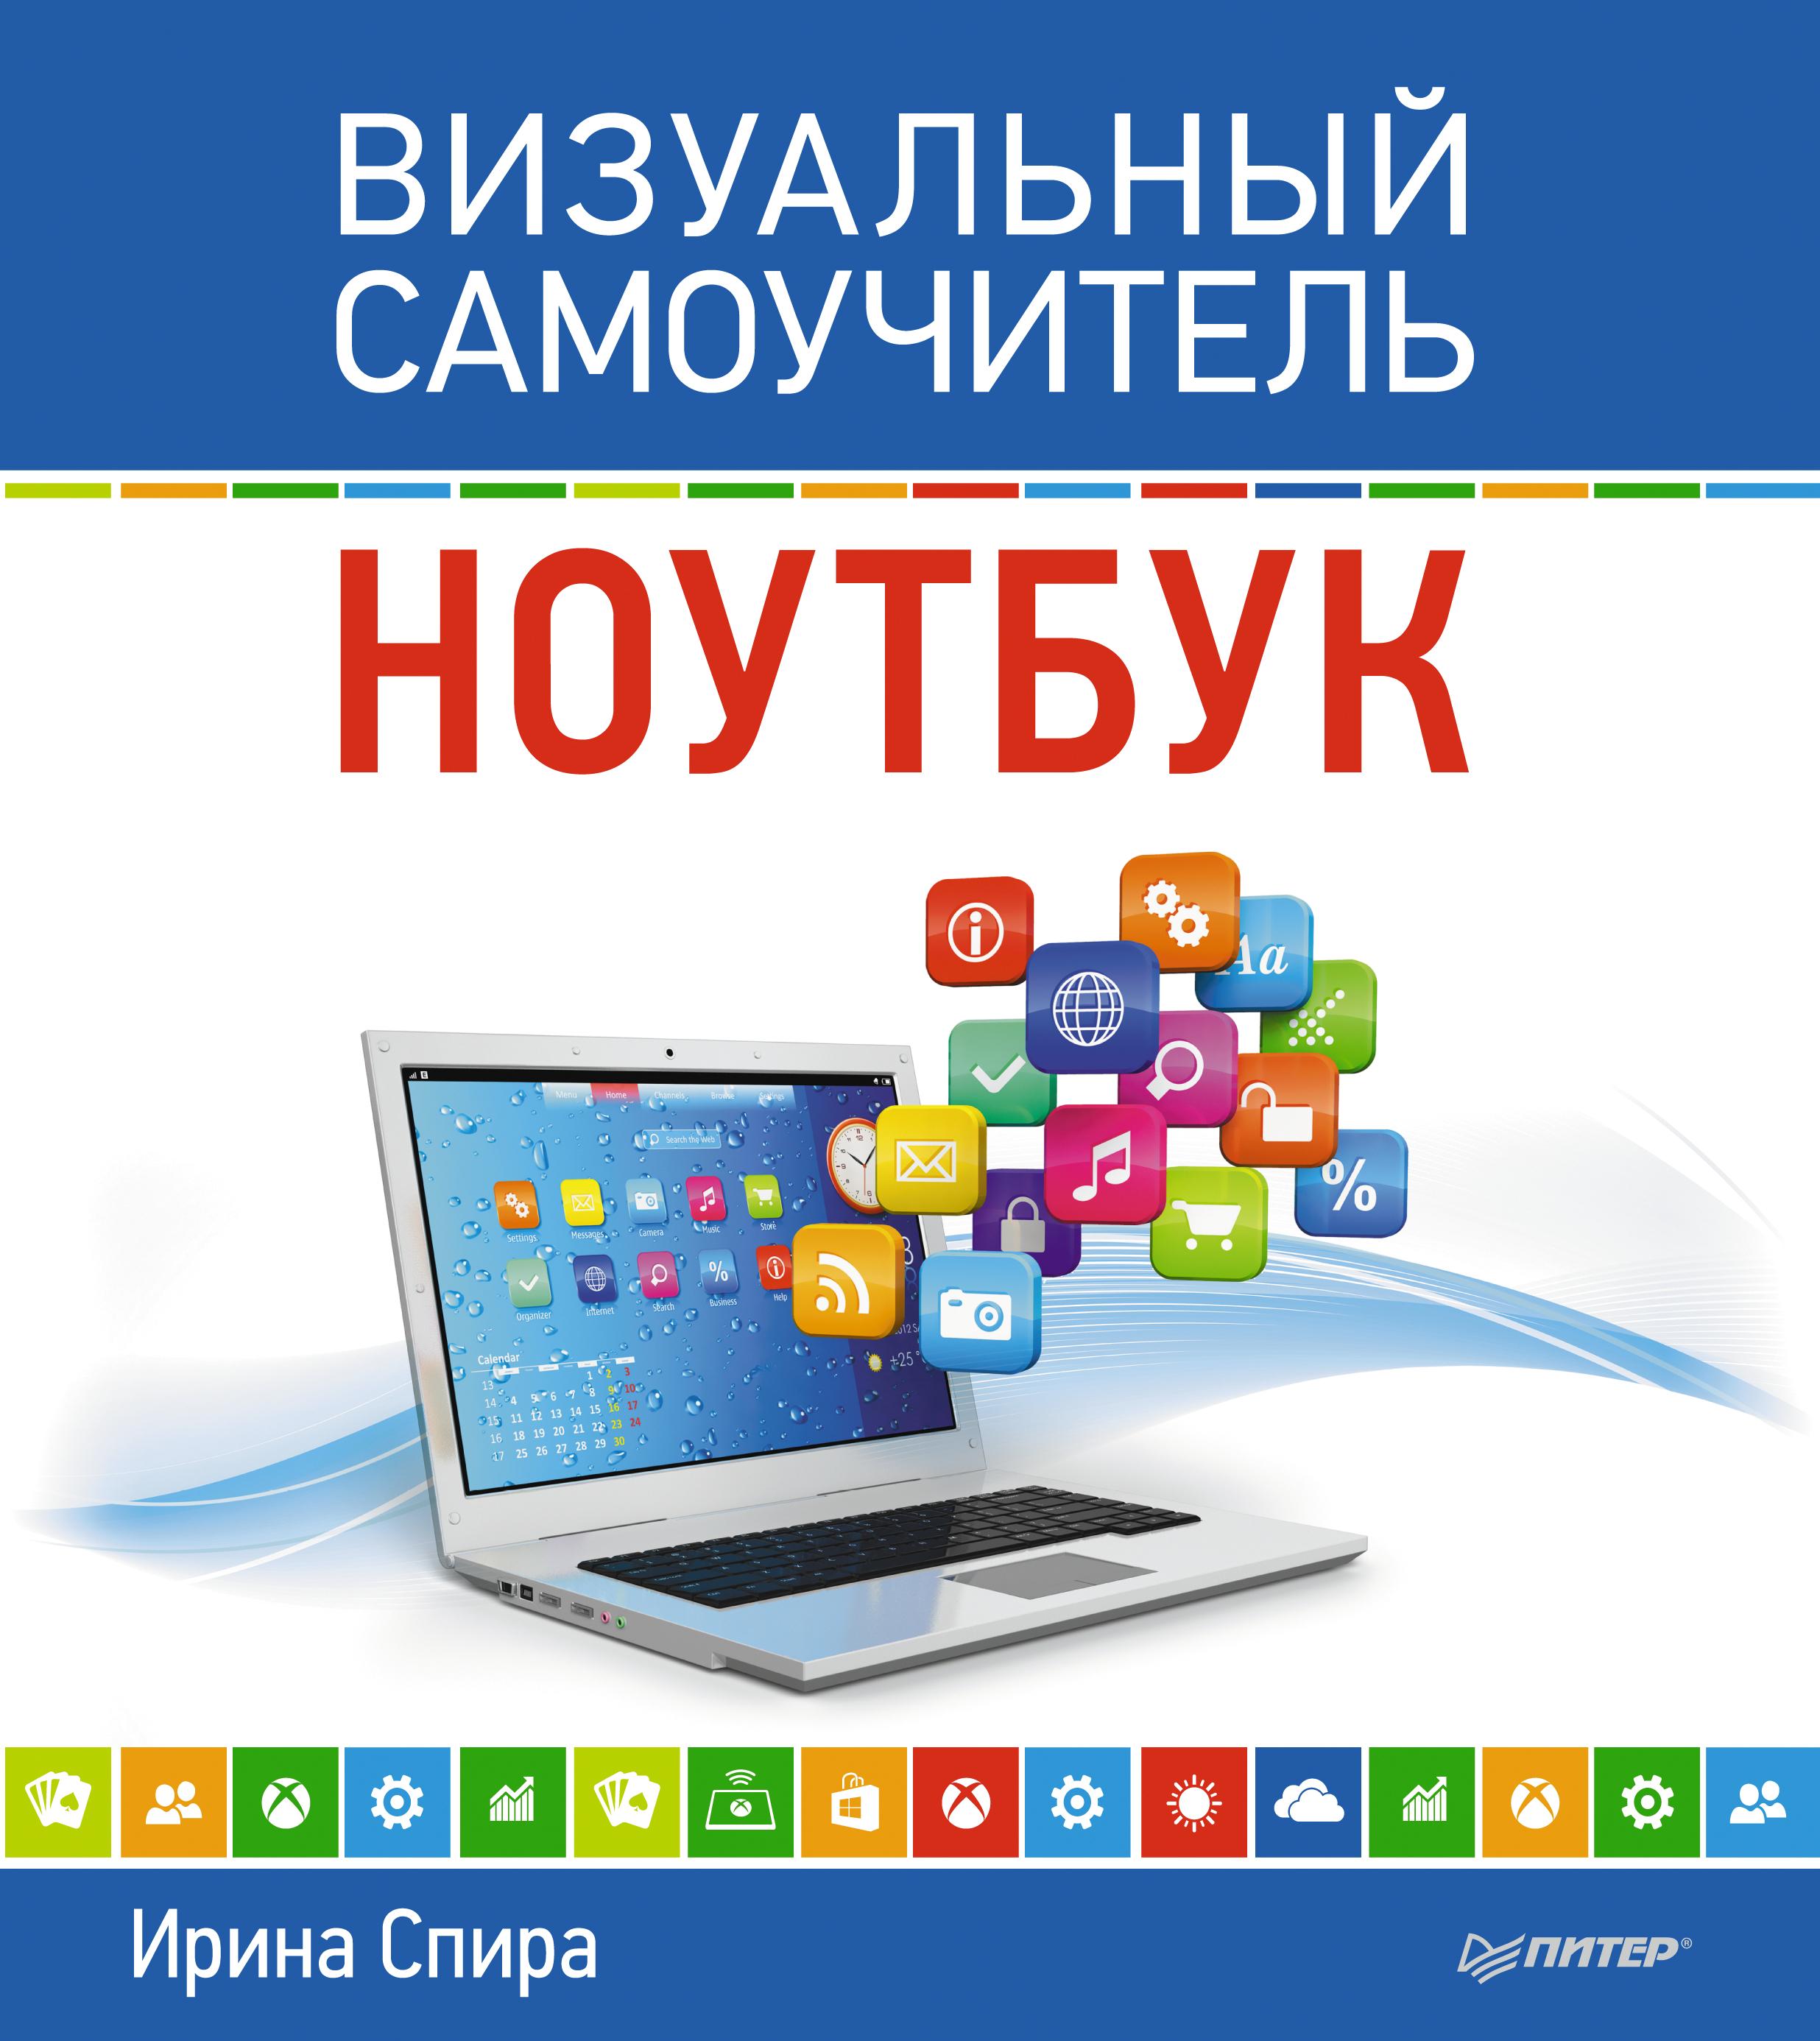 Ирина Спира Ноутбук. Визуальный самоучитель как пользоваться электронным авиабилетом